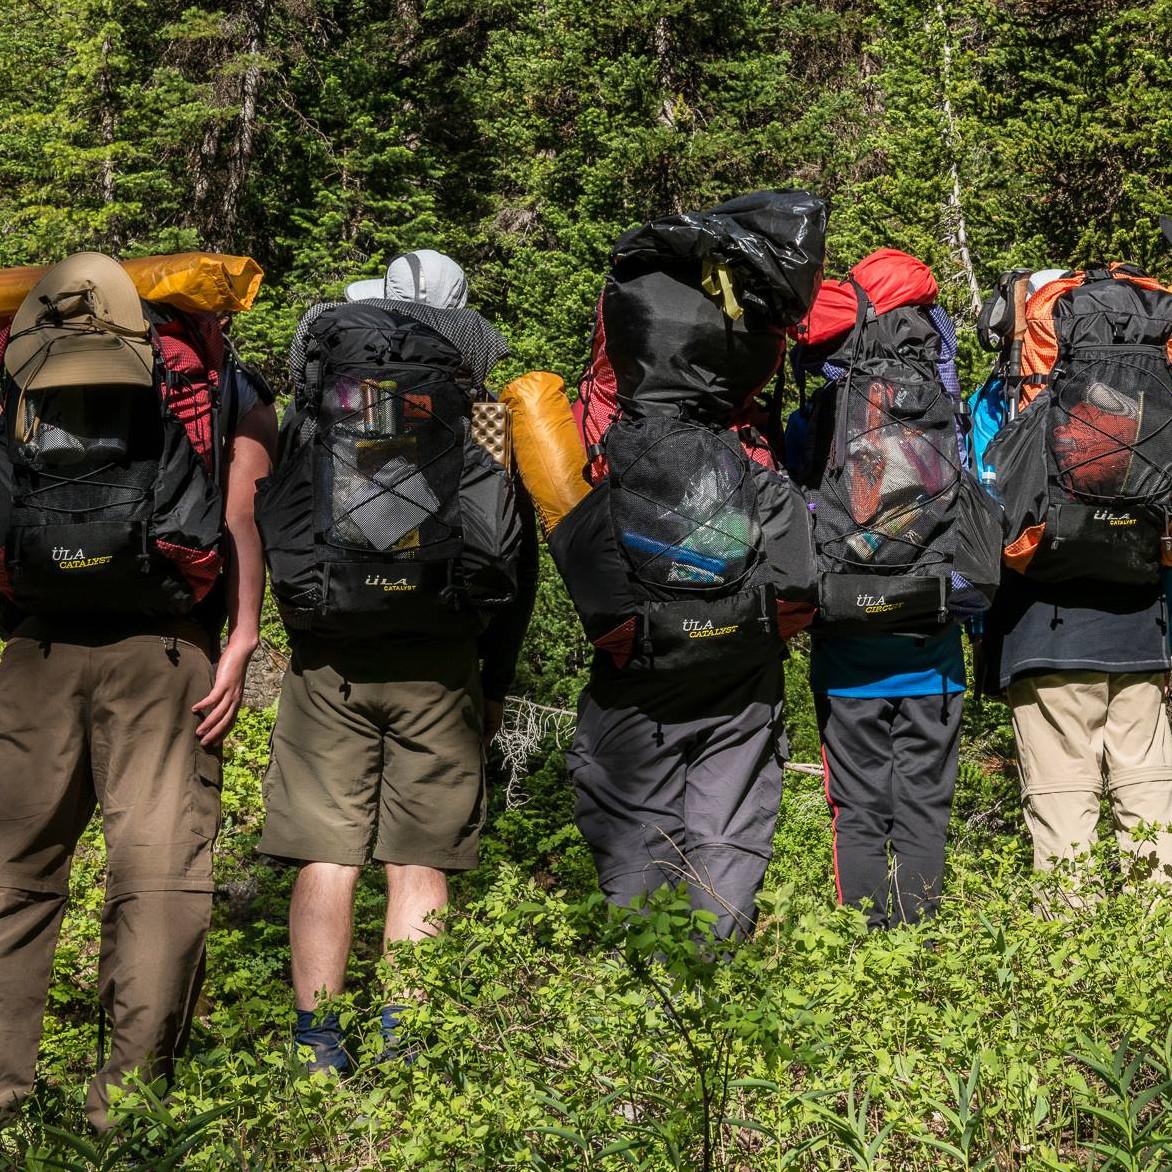 Eine Gruppe Menschen steht vor einem Wald. Alle tragen ULA Rucksäcke und sind von der Kamera abgewandt